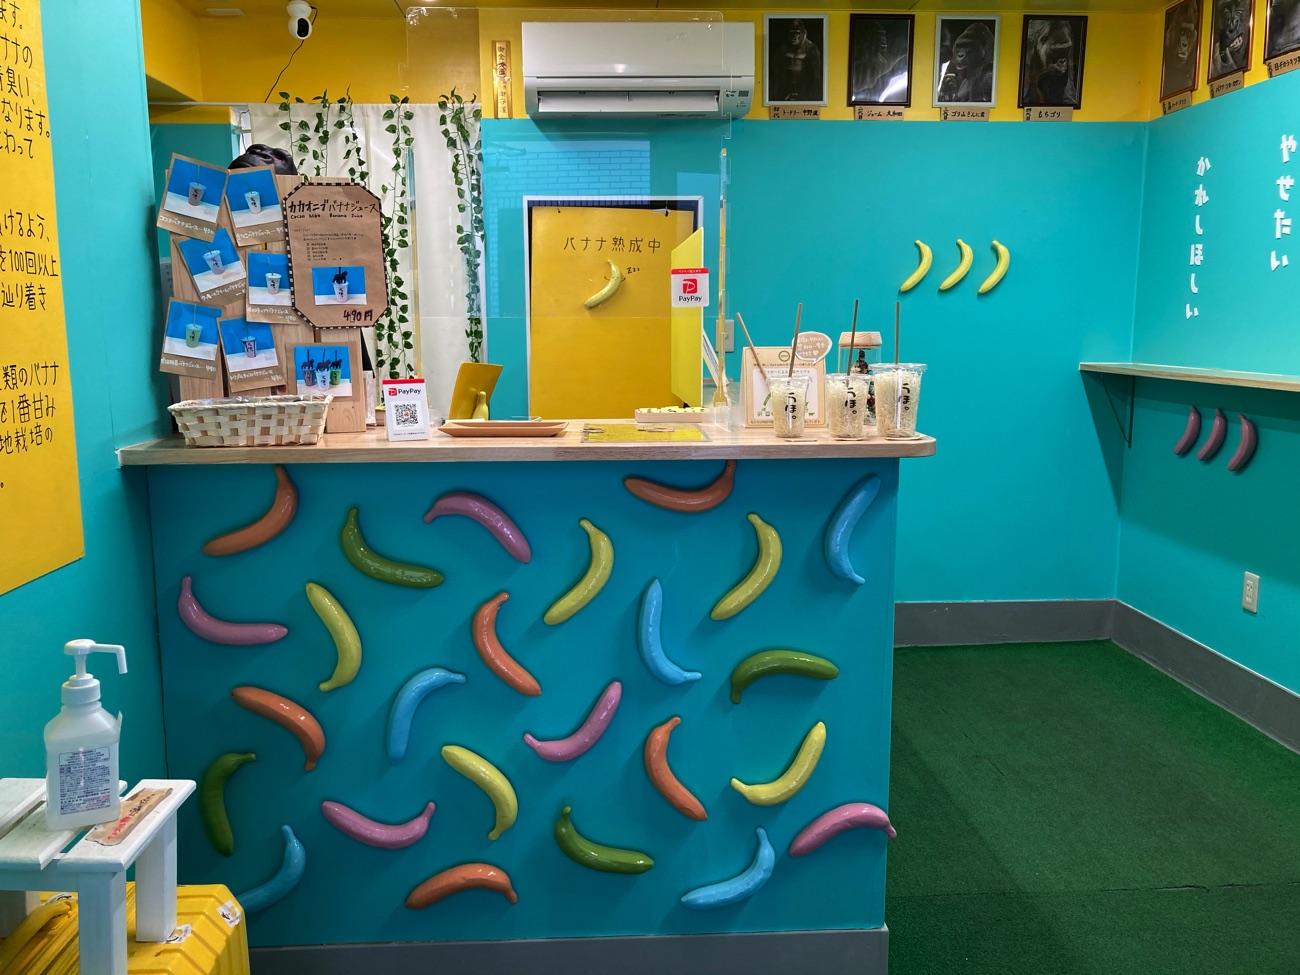 「ゴリラによる人間のためのバナナジュース」の店内